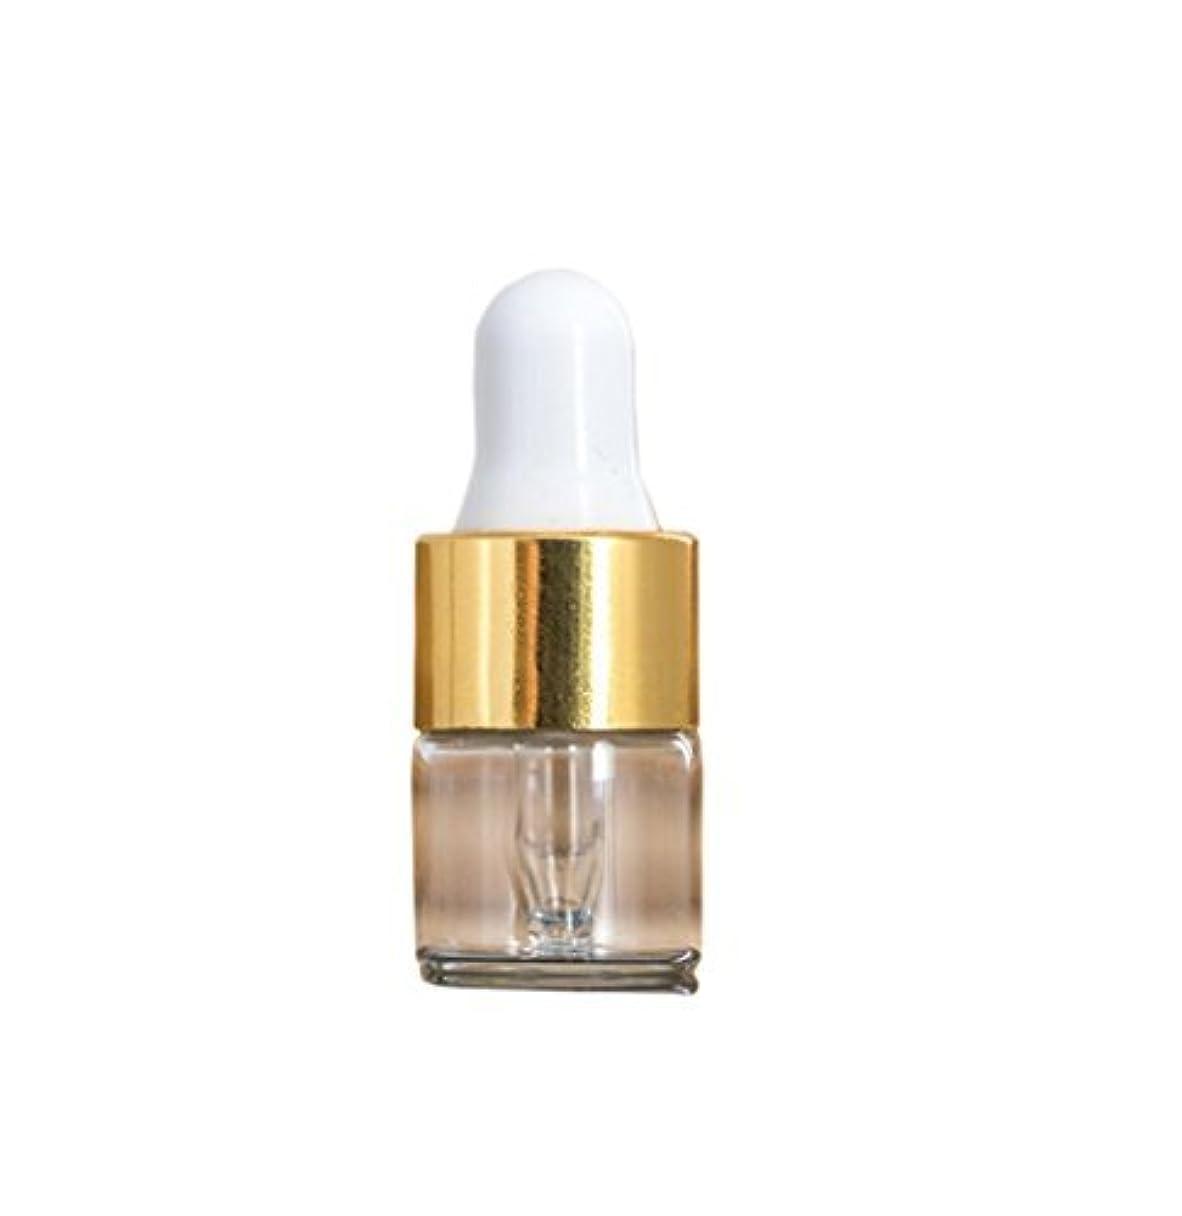 移民織機わずかなClear Glass Mini 1ml 15 Pcs Refillable Essential Oil Dropper Bottles Containers Cosmetic Sample Bottles Aromatherapy...